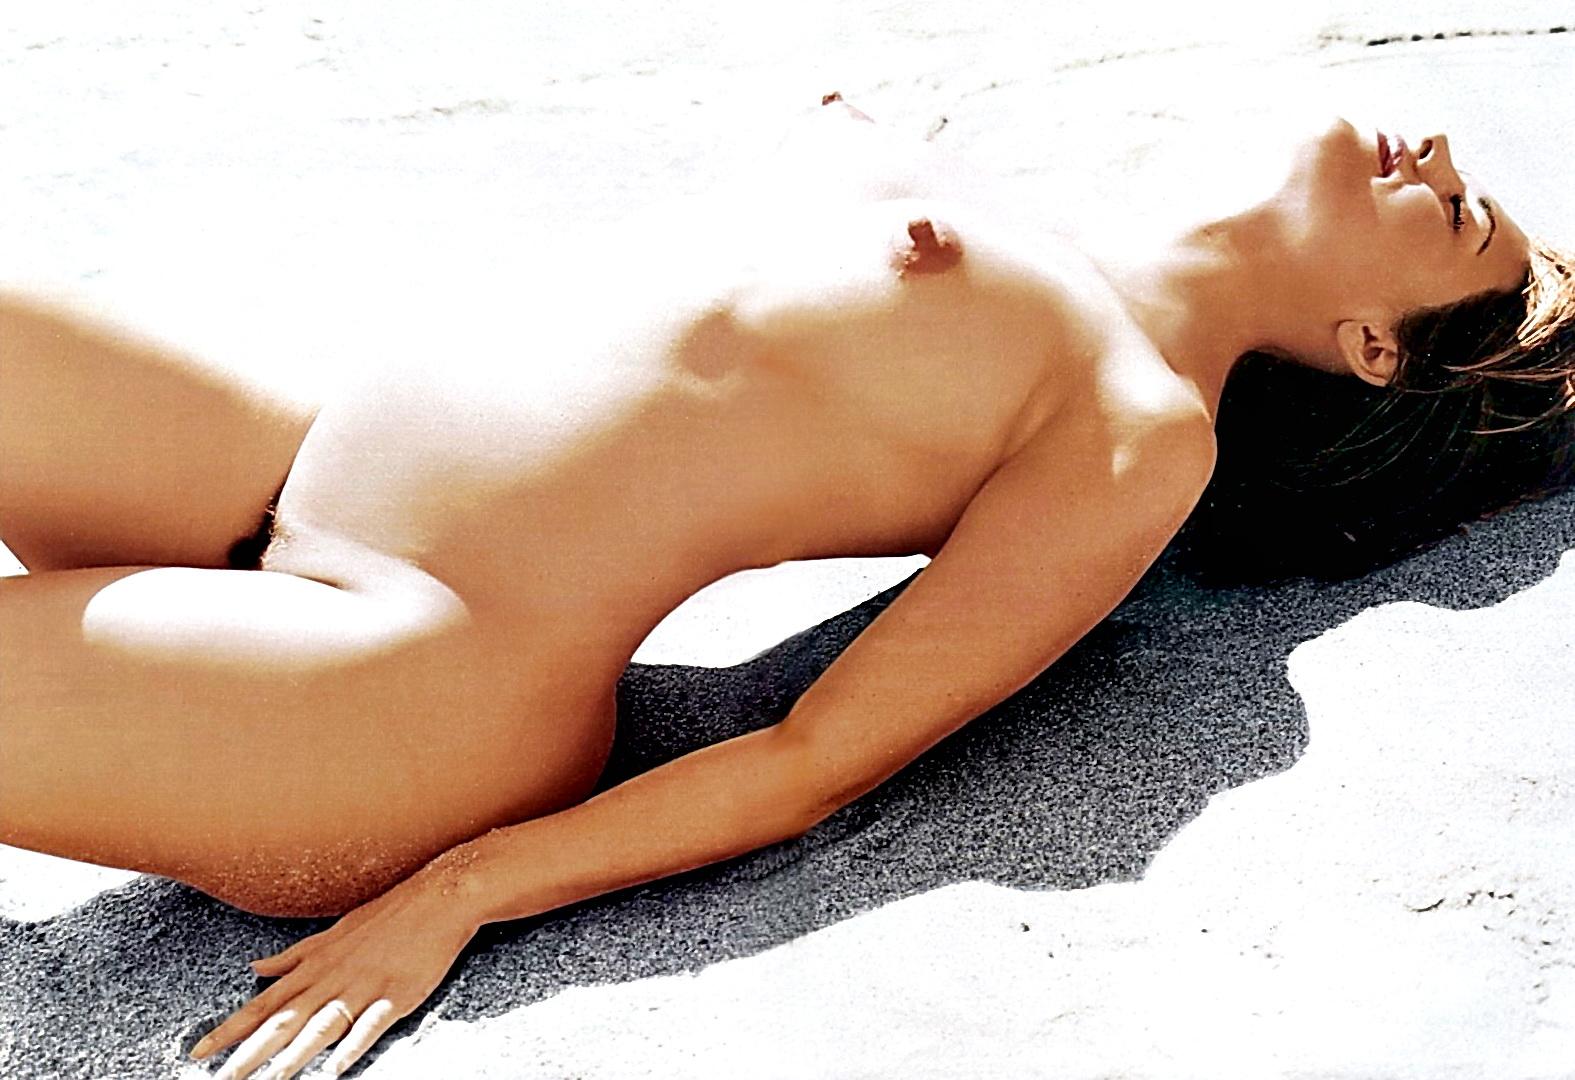 lisa nude pic rinna jpg 1080x810